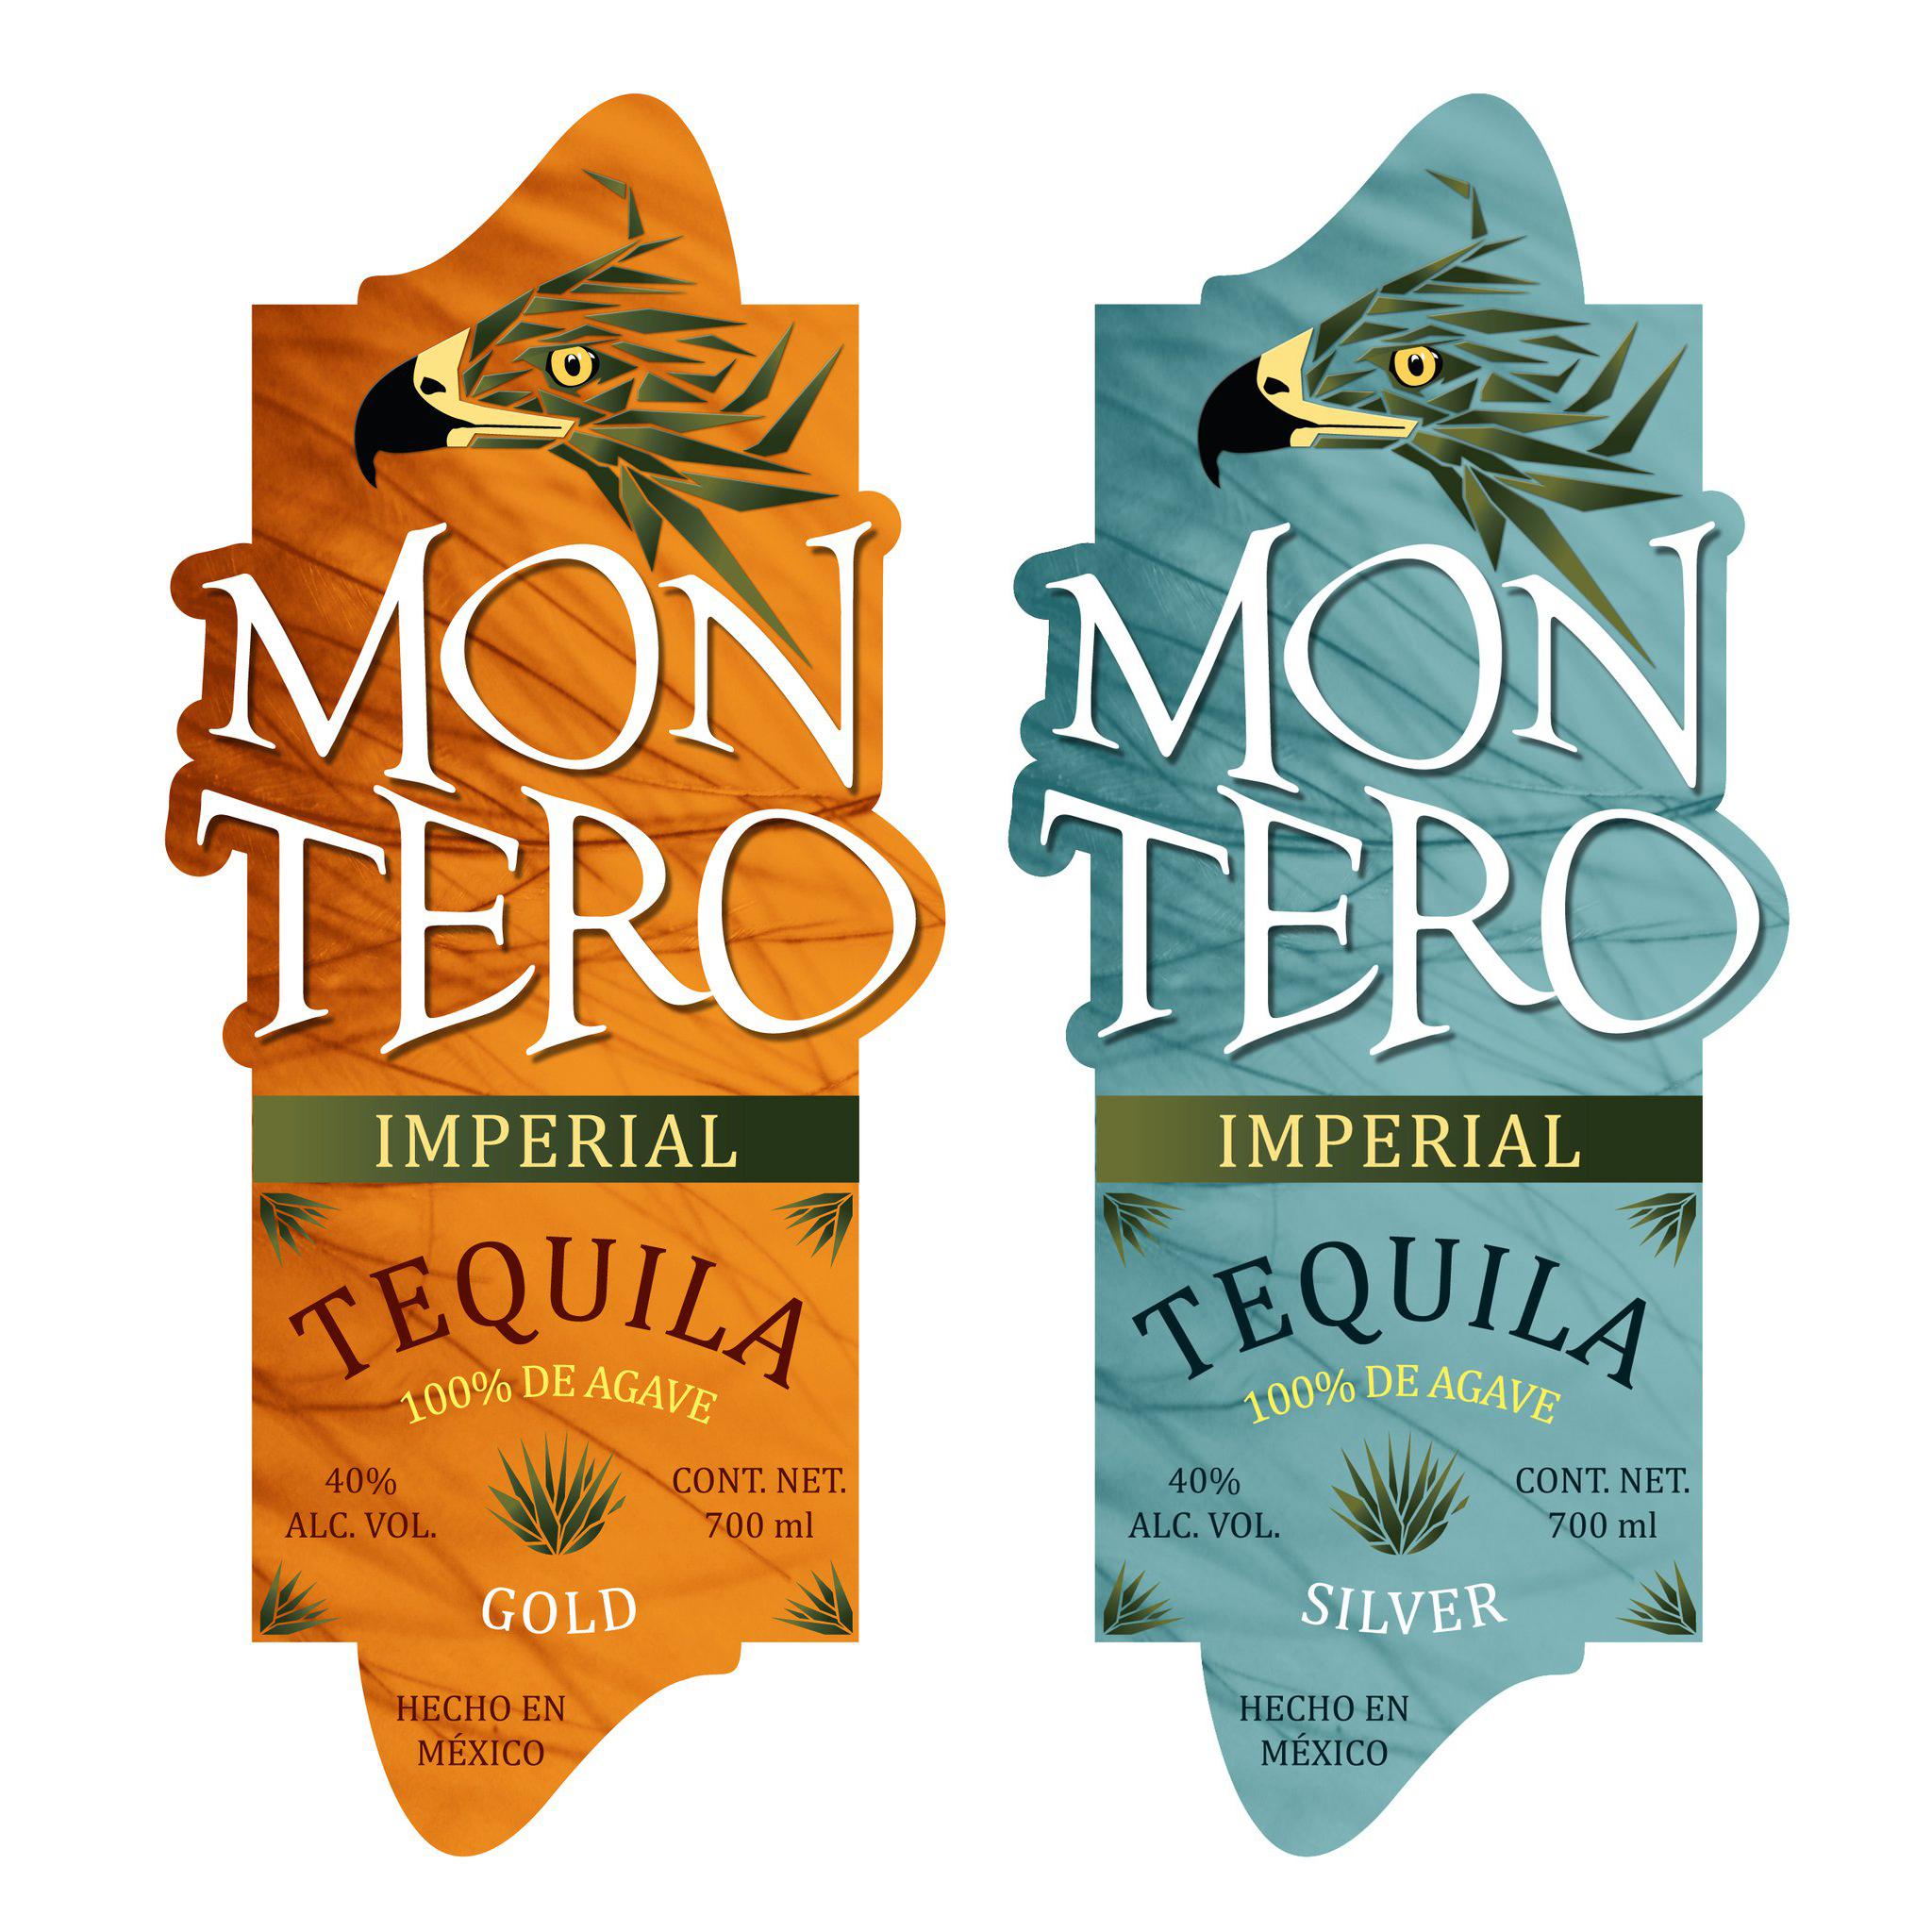 2 Montero